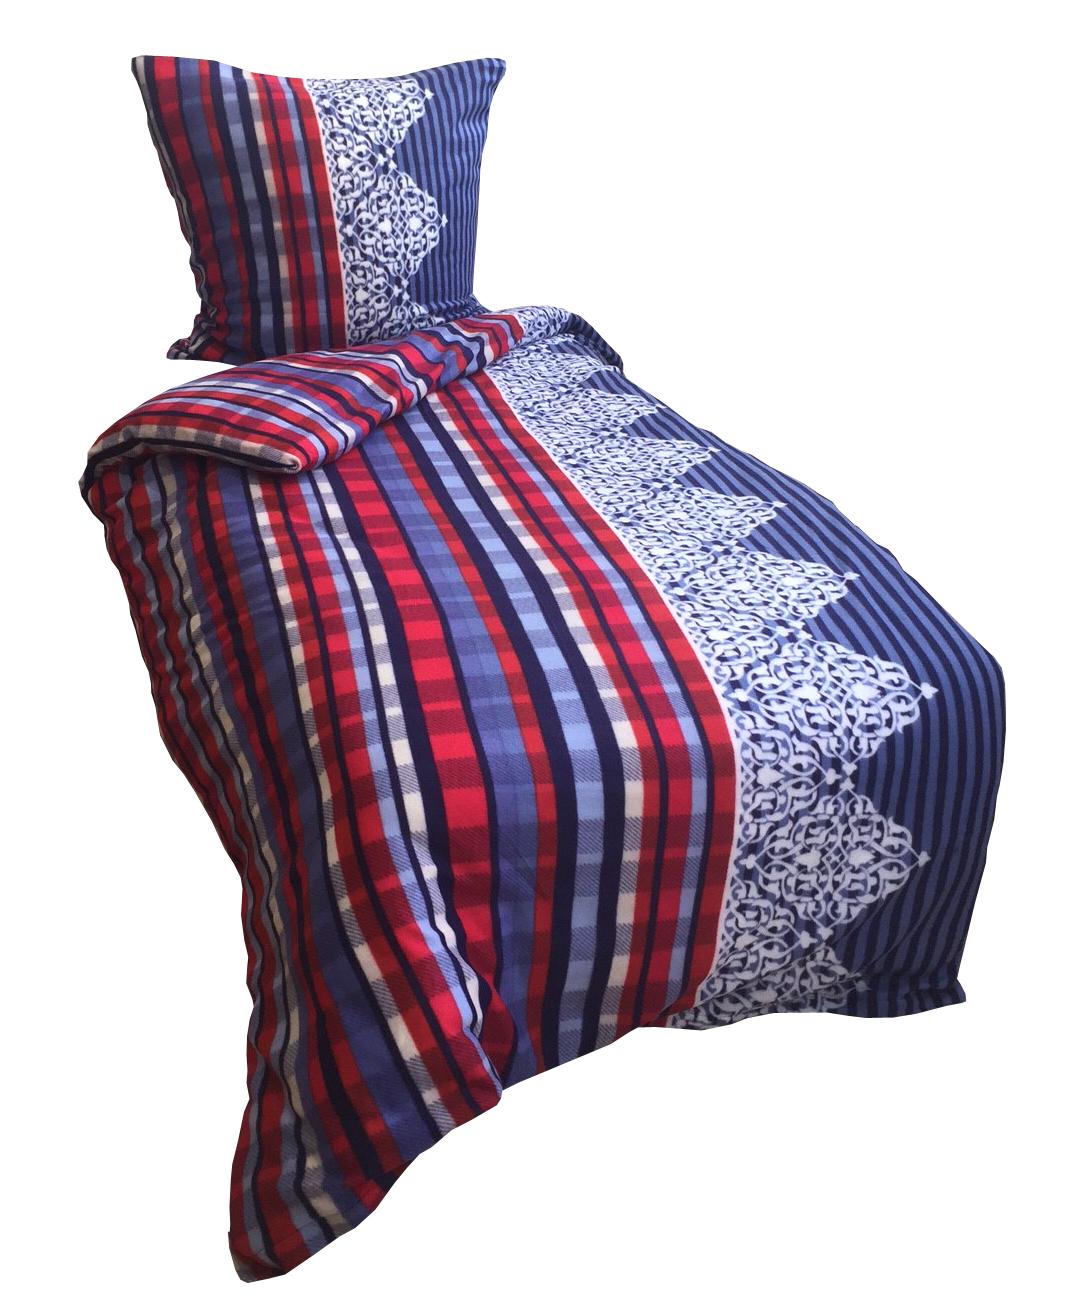 3tlg bettw sche fleece 135x200cm blau rot warm kuschelig mit laken 140 160x200cm 4260273083957. Black Bedroom Furniture Sets. Home Design Ideas